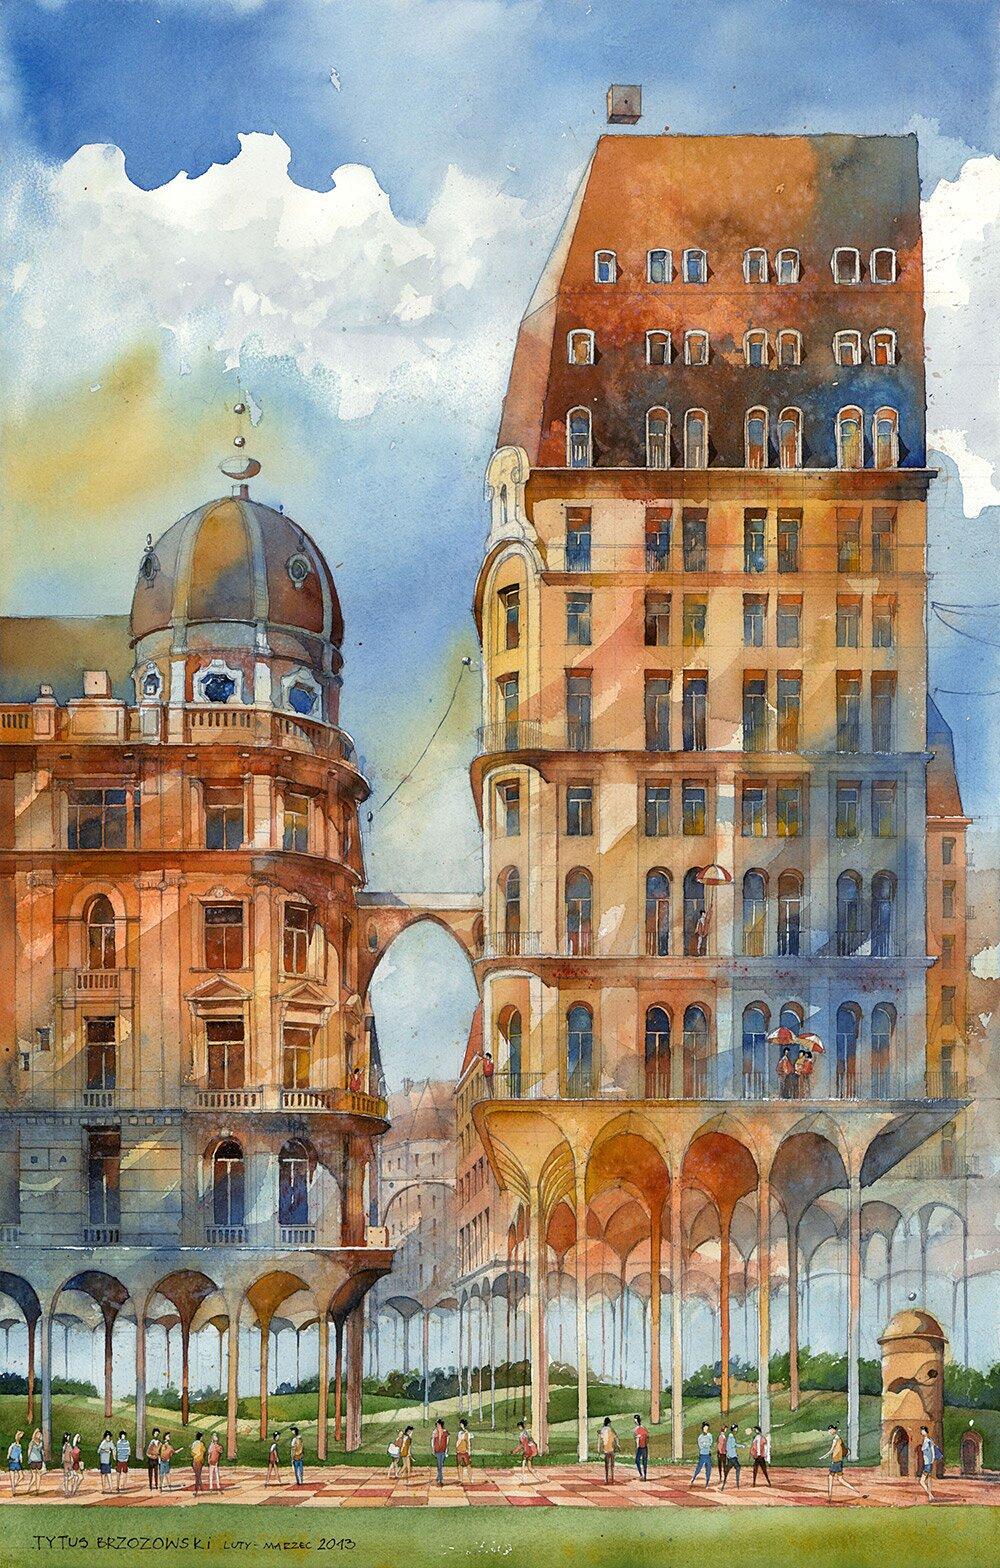 acquerelli-surreali-architettura-varsavia-tytus-brzozowski-4